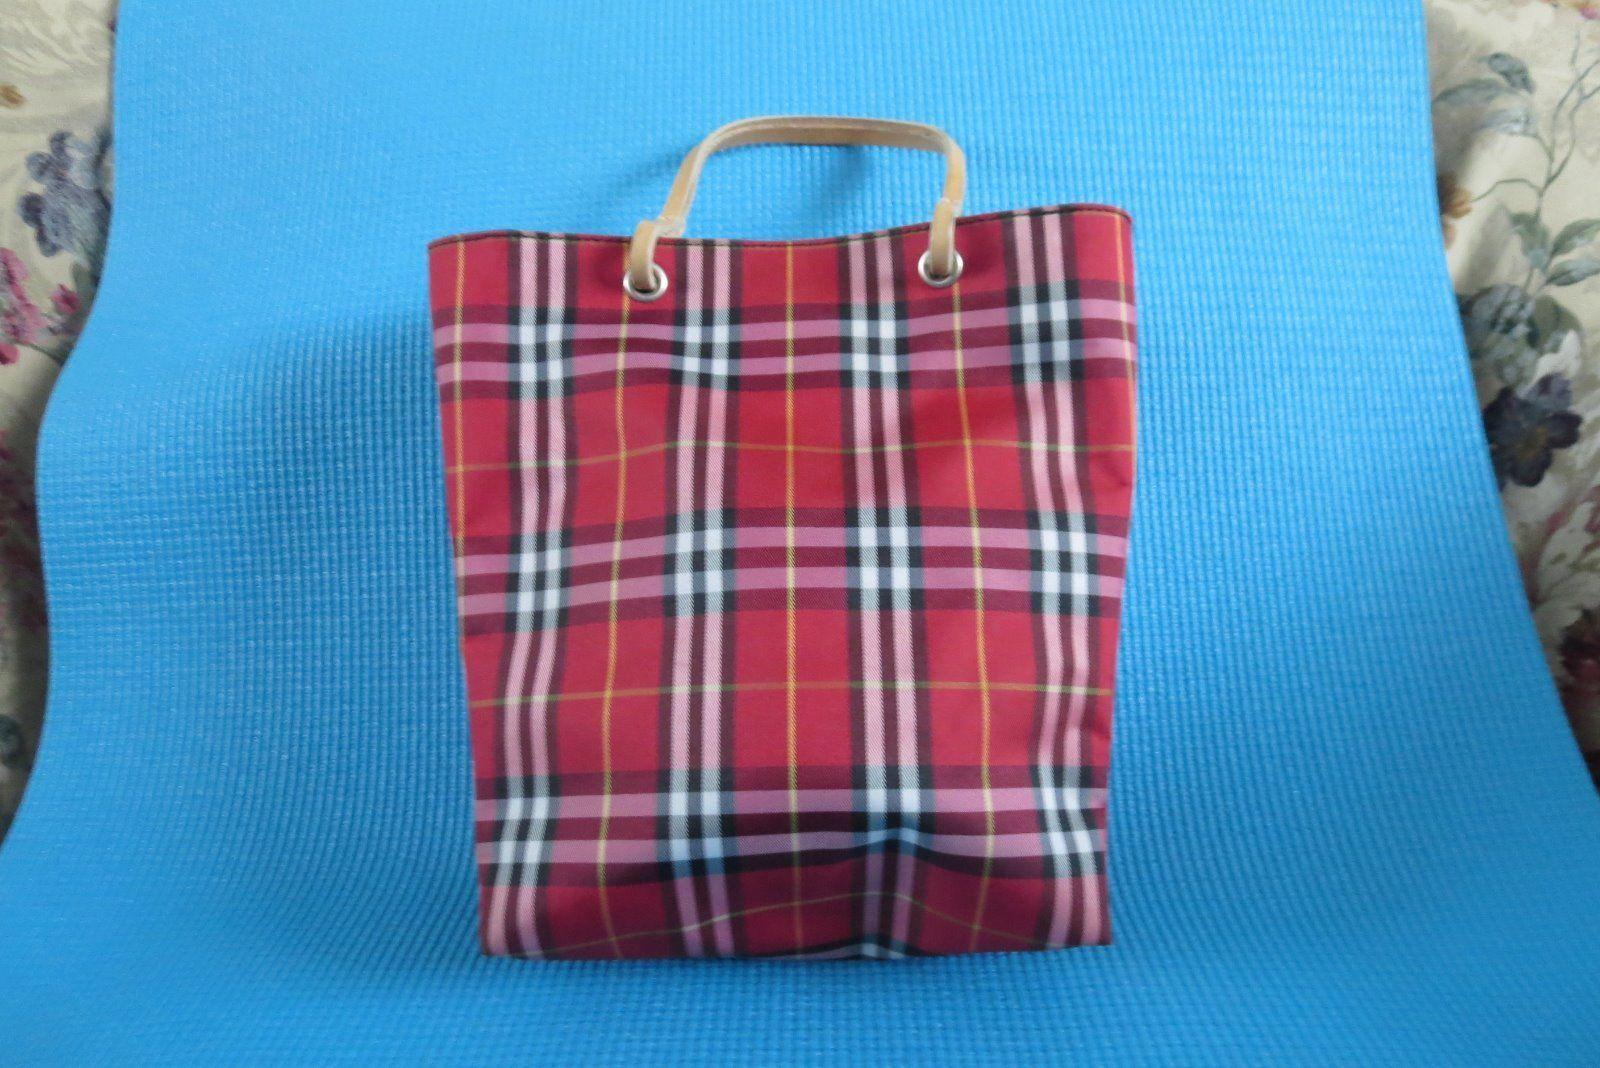 authentic burberry handbags